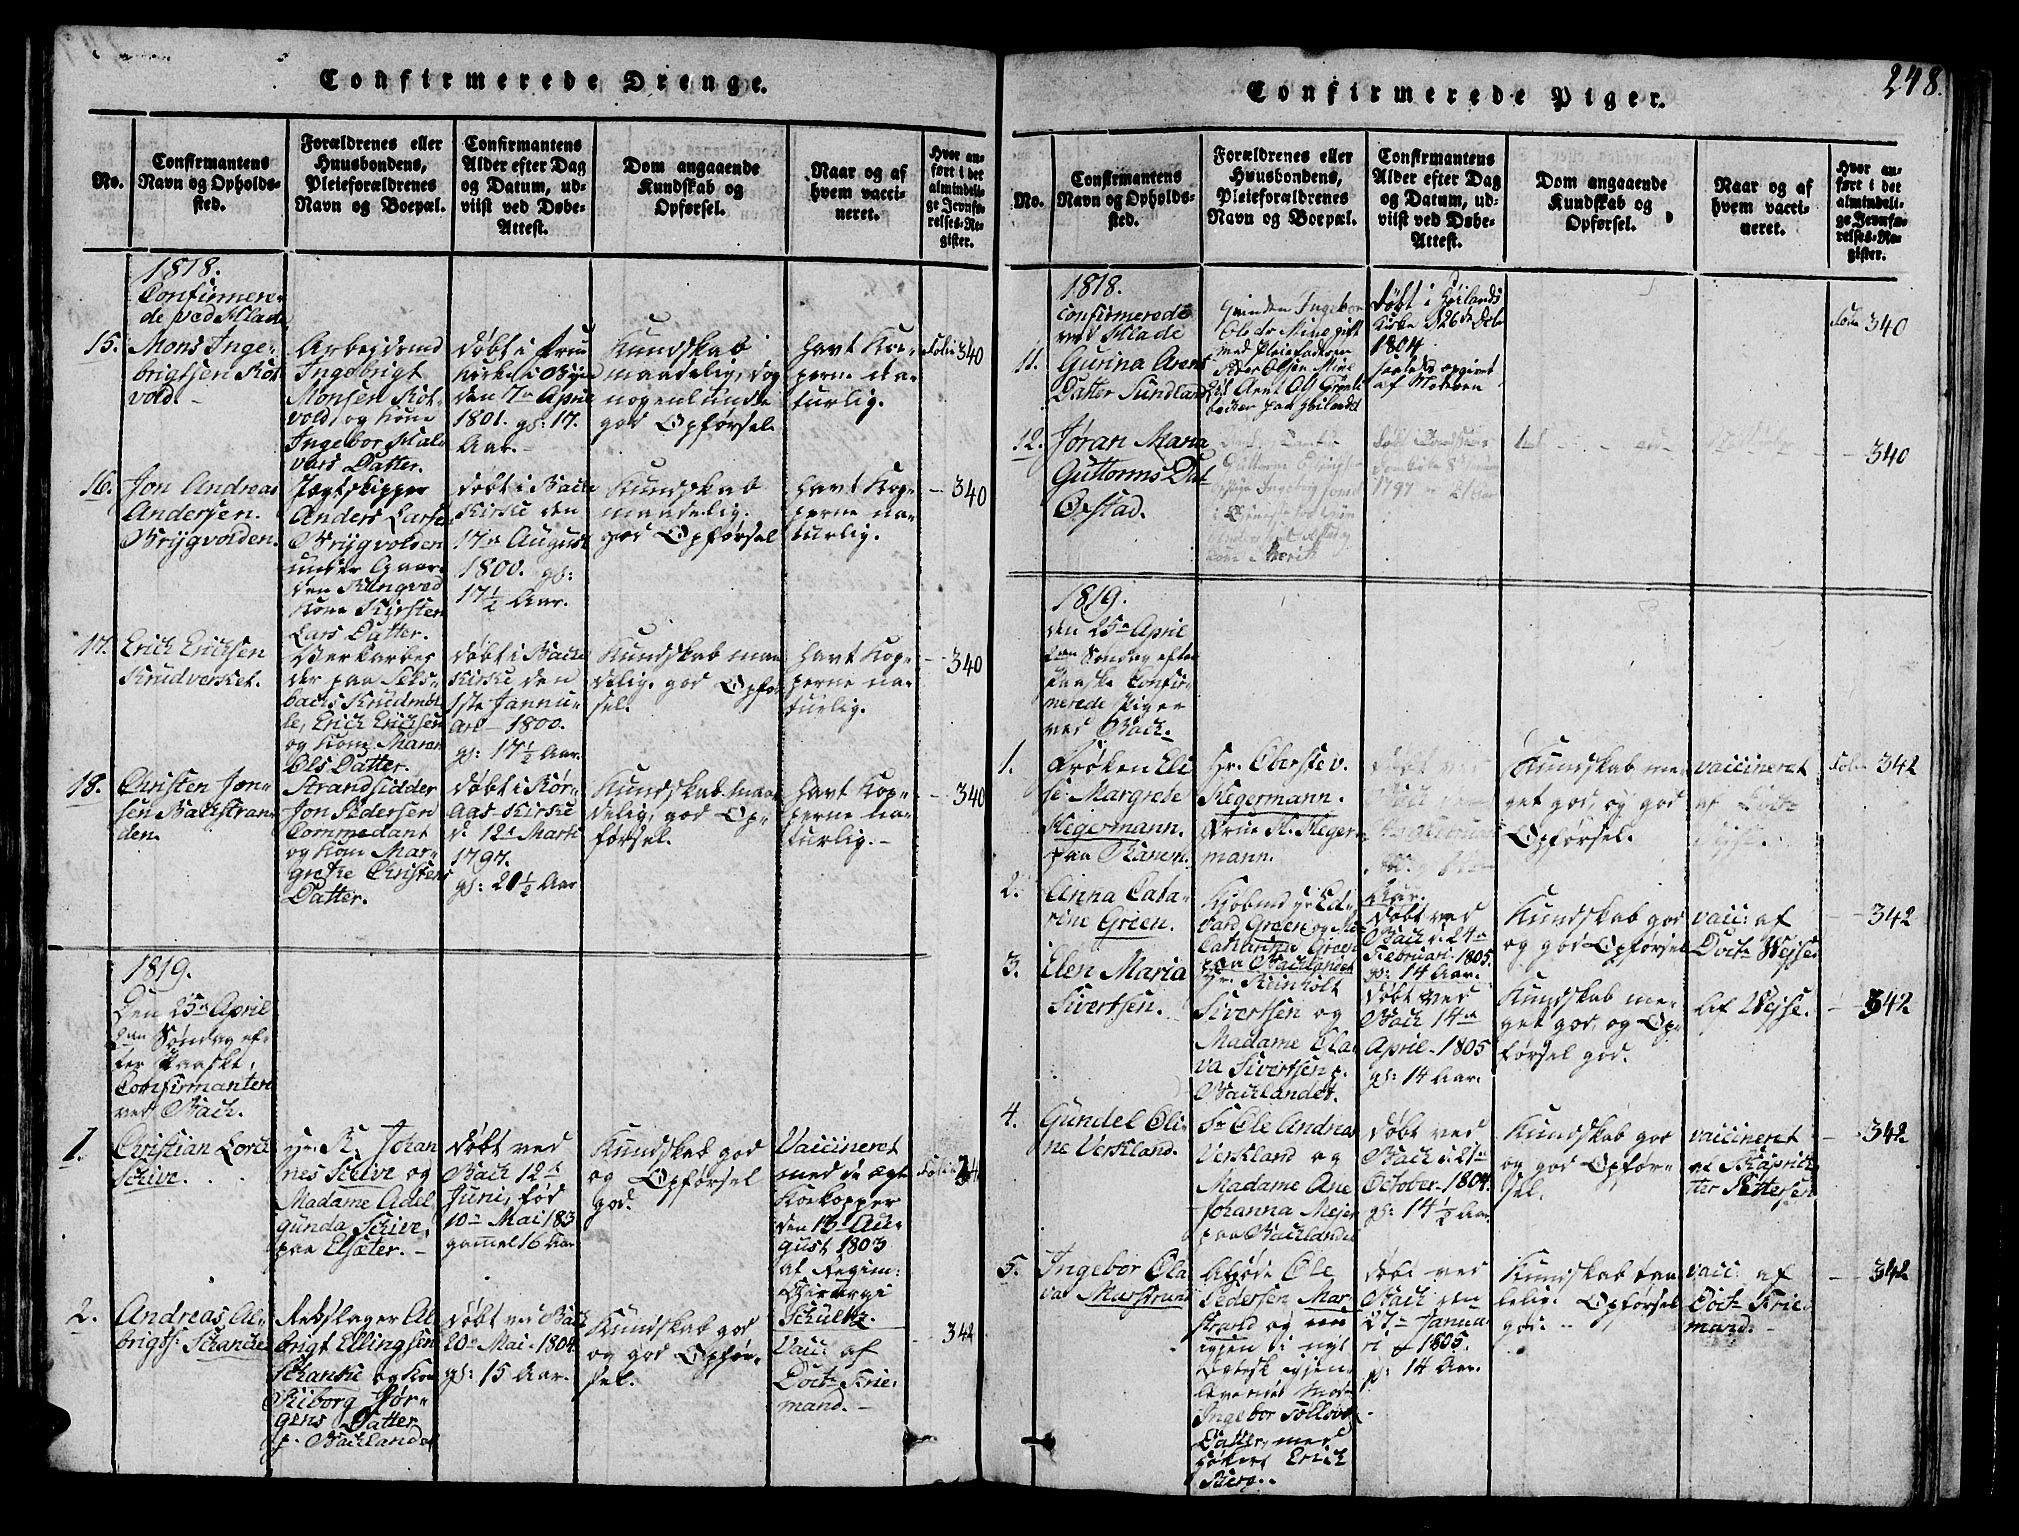 SAT, Ministerialprotokoller, klokkerbøker og fødselsregistre - Sør-Trøndelag, 606/L0307: Klokkerbok nr. 606C03, 1817-1824, s. 248